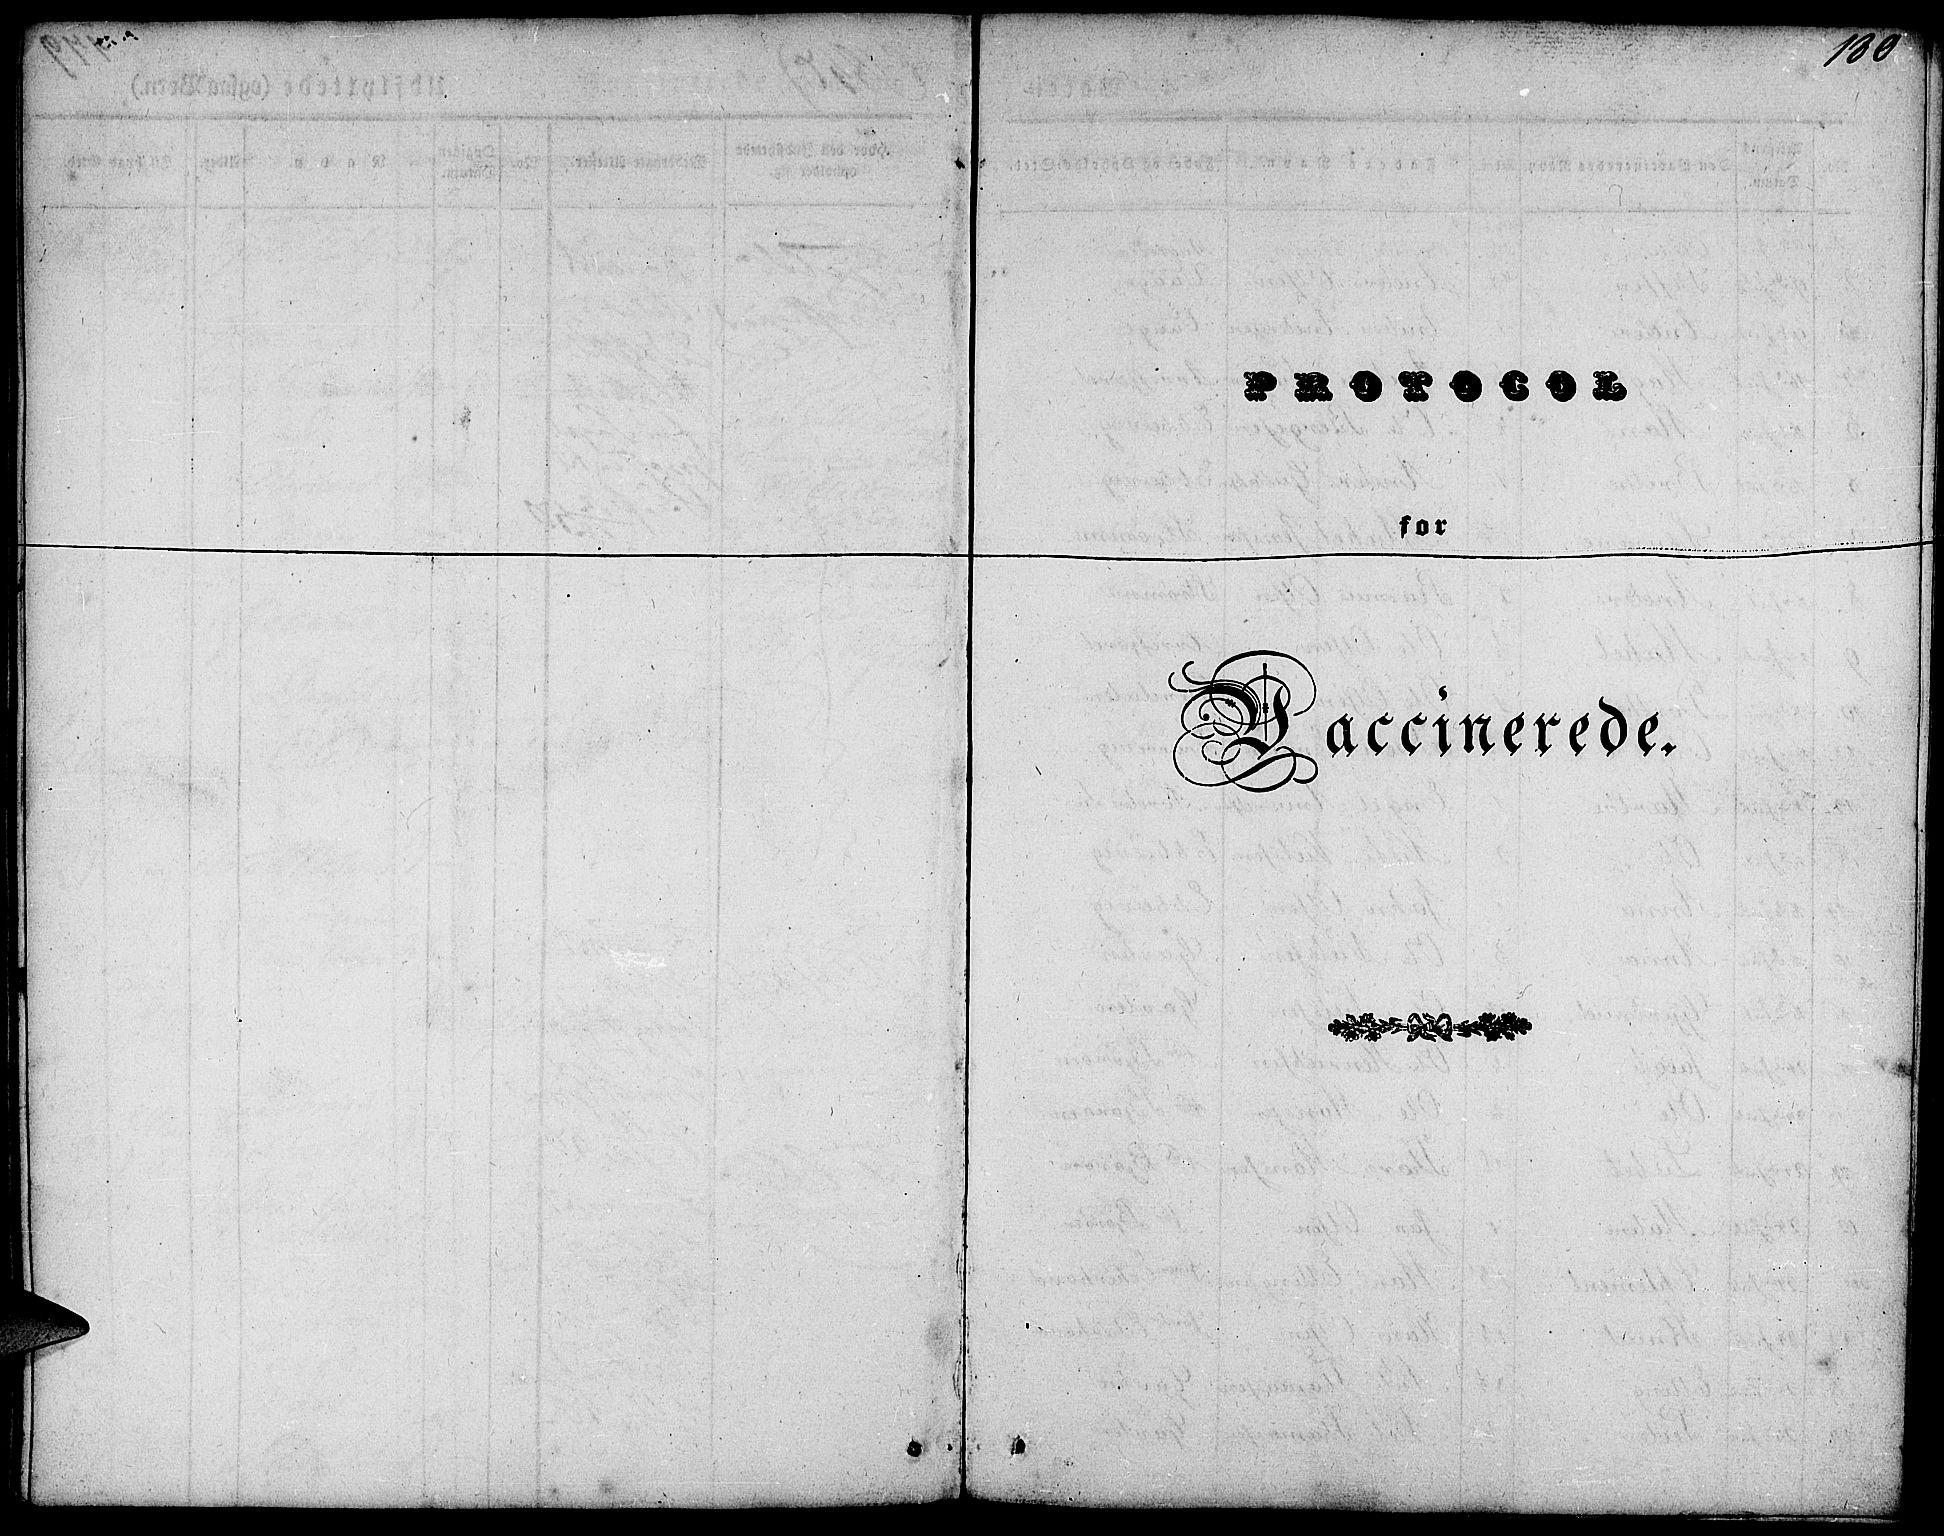 SAB, Fjell sokneprestembete, H/Haa: Ministerialbok nr. A 1, 1835-1850, s. 180